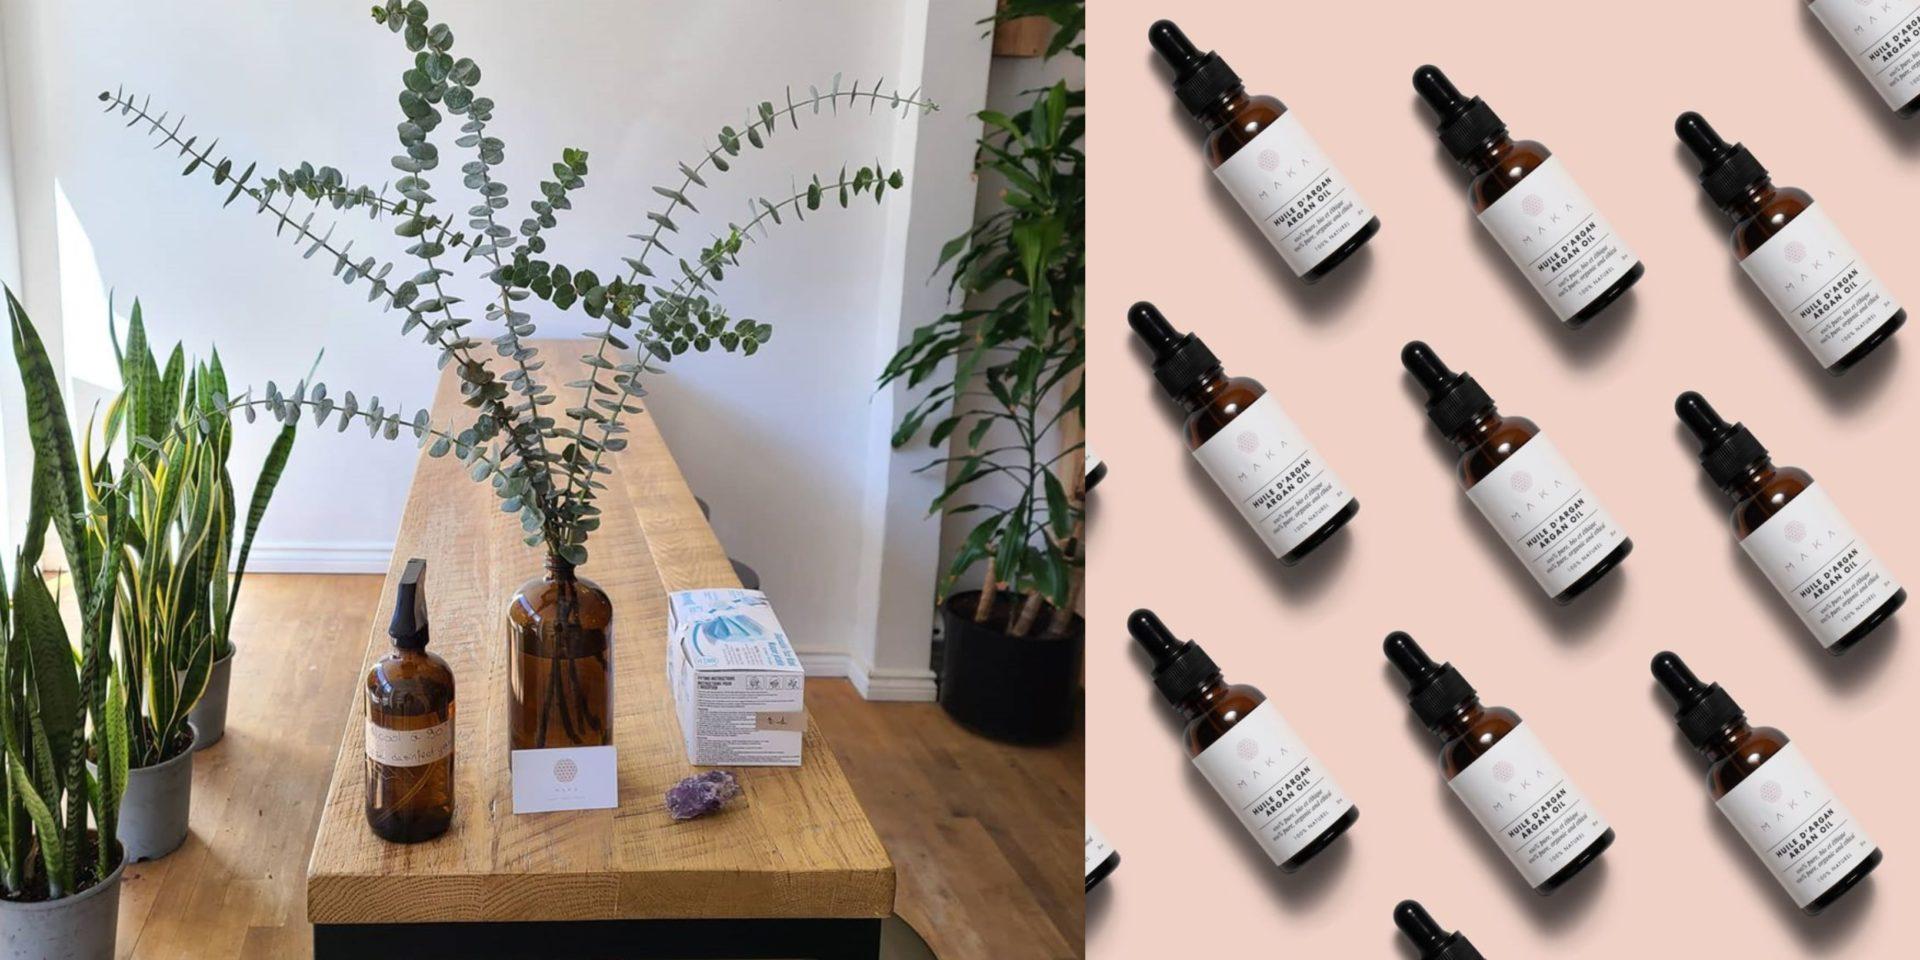 Une boutique-atelier de cosmétiques et produits d'entretien naturels vient d'ouvrir ses portes dans le Mile-End!